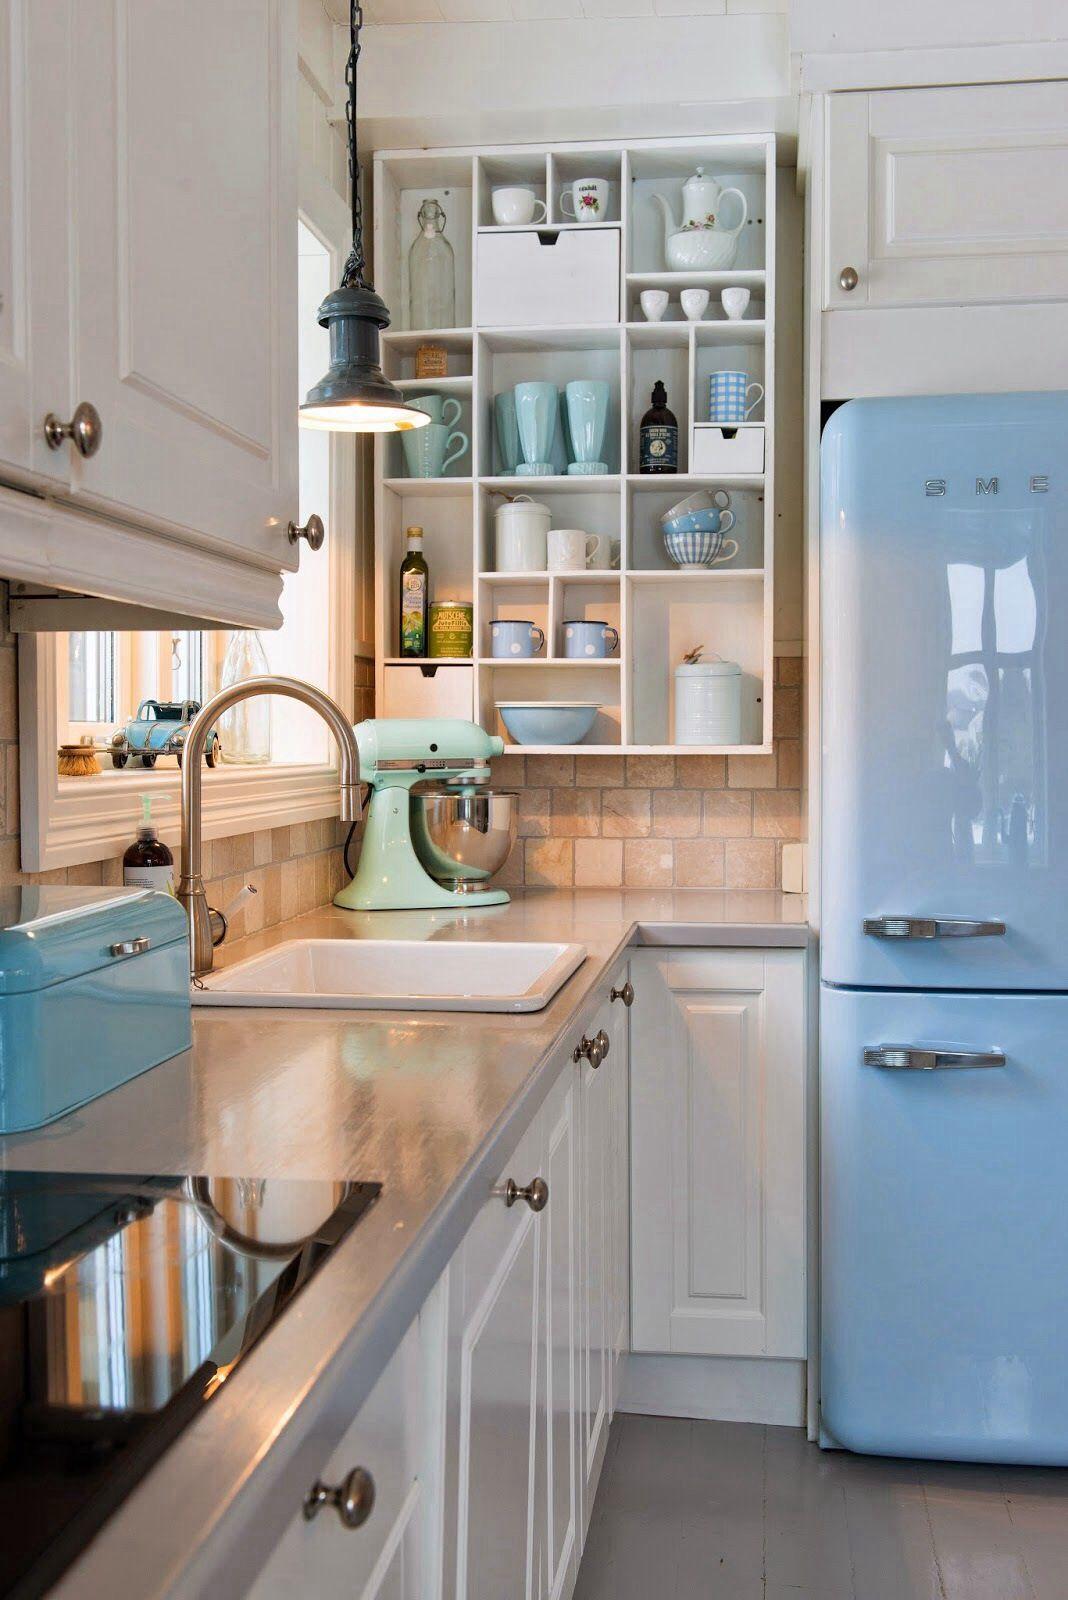 Deko Küche, Küche Einrichten, Romantische Küche, Küche